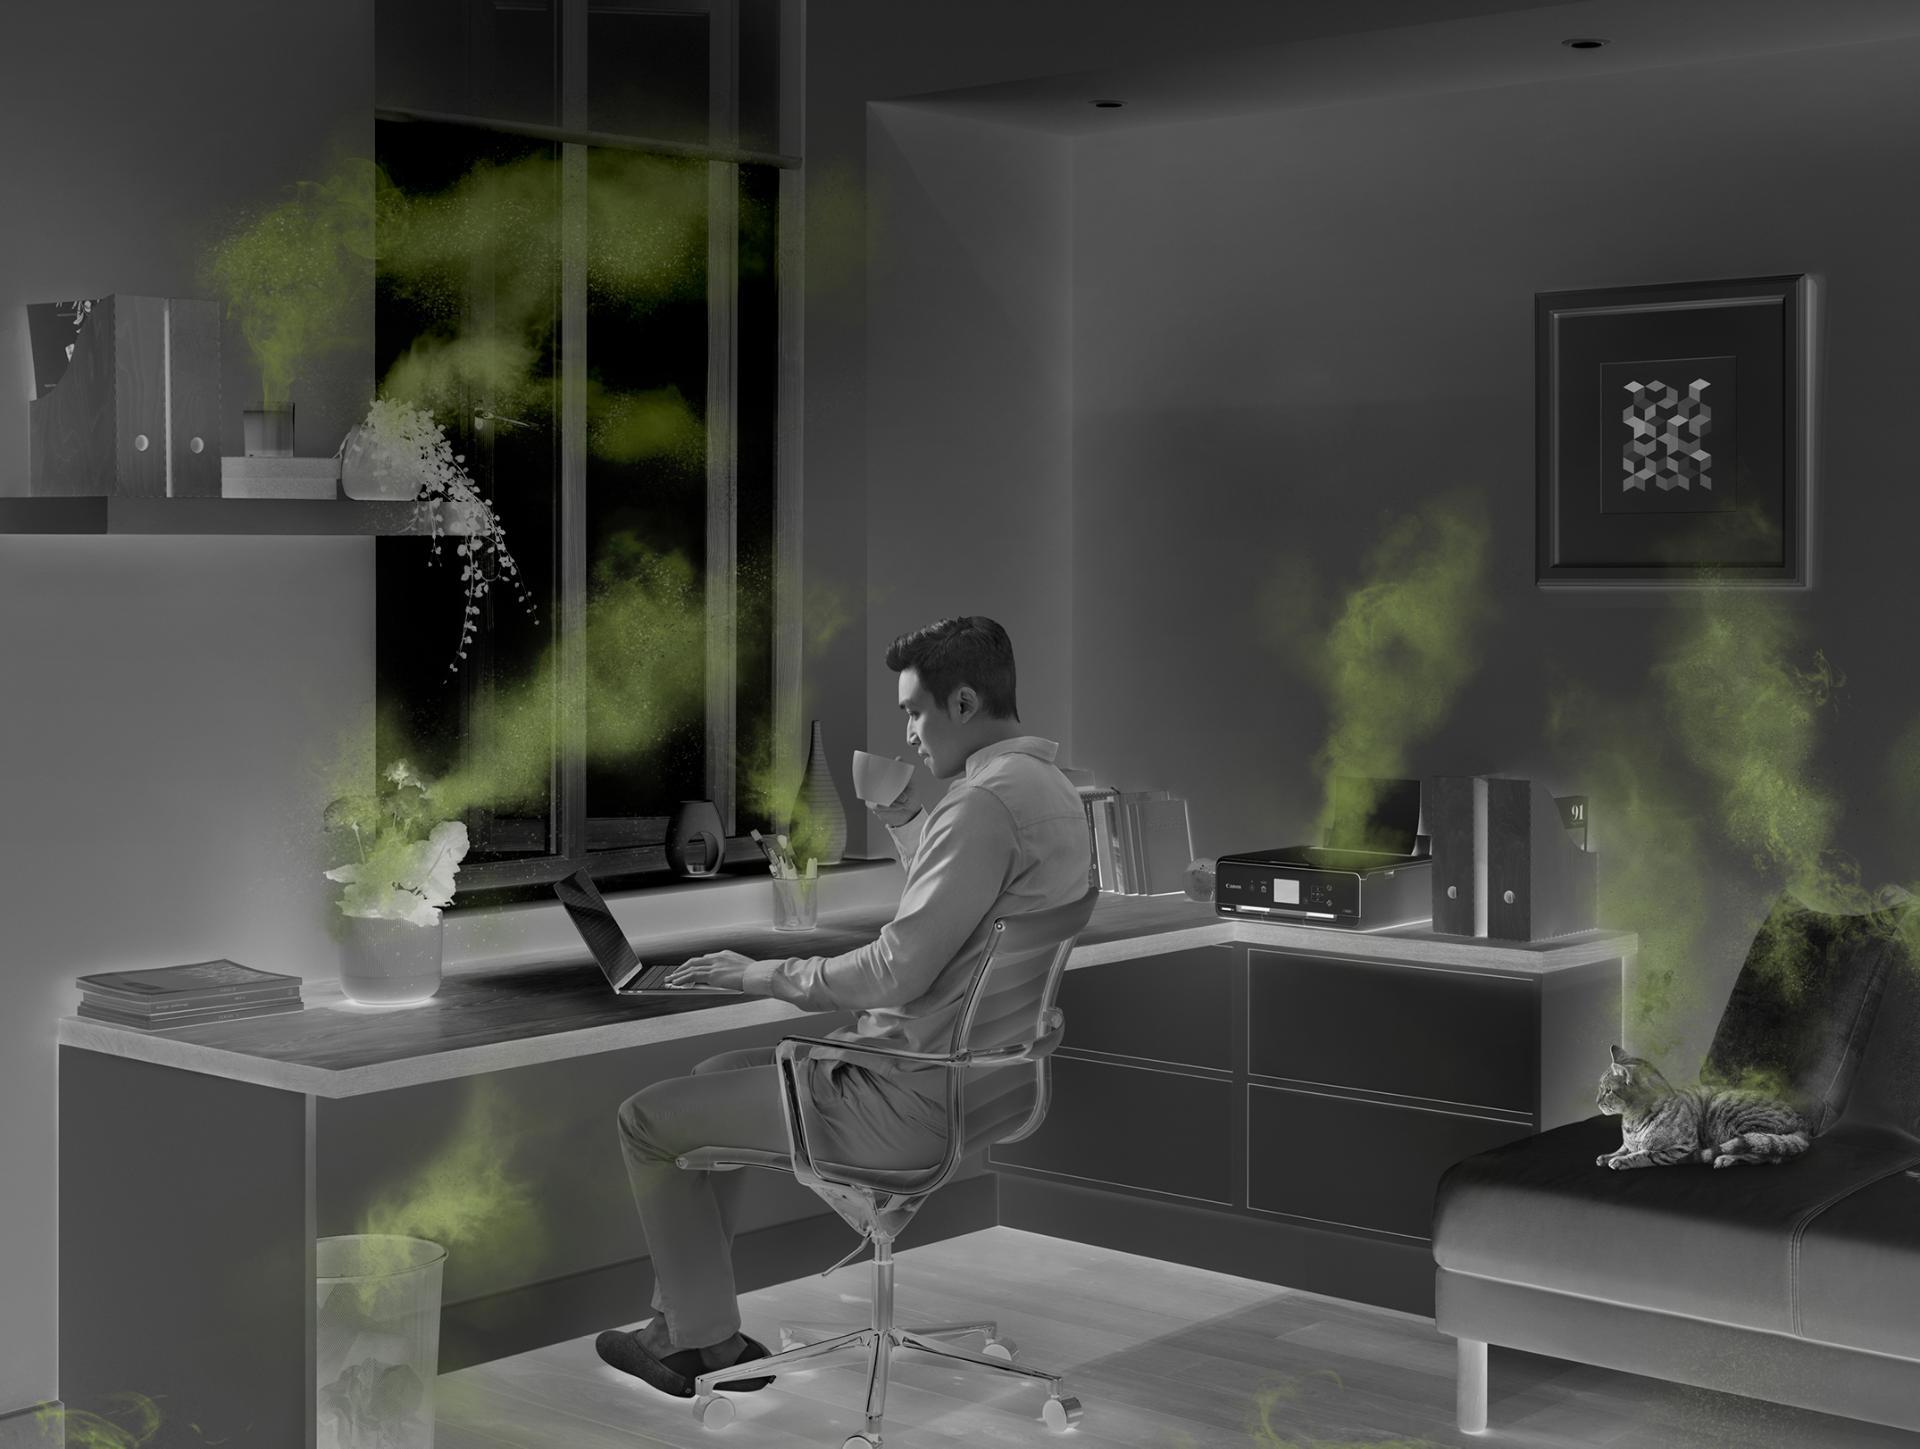 Hombre que trabaja en una oficina en casa, rodeado de fuentes de contaminación del aire interior.